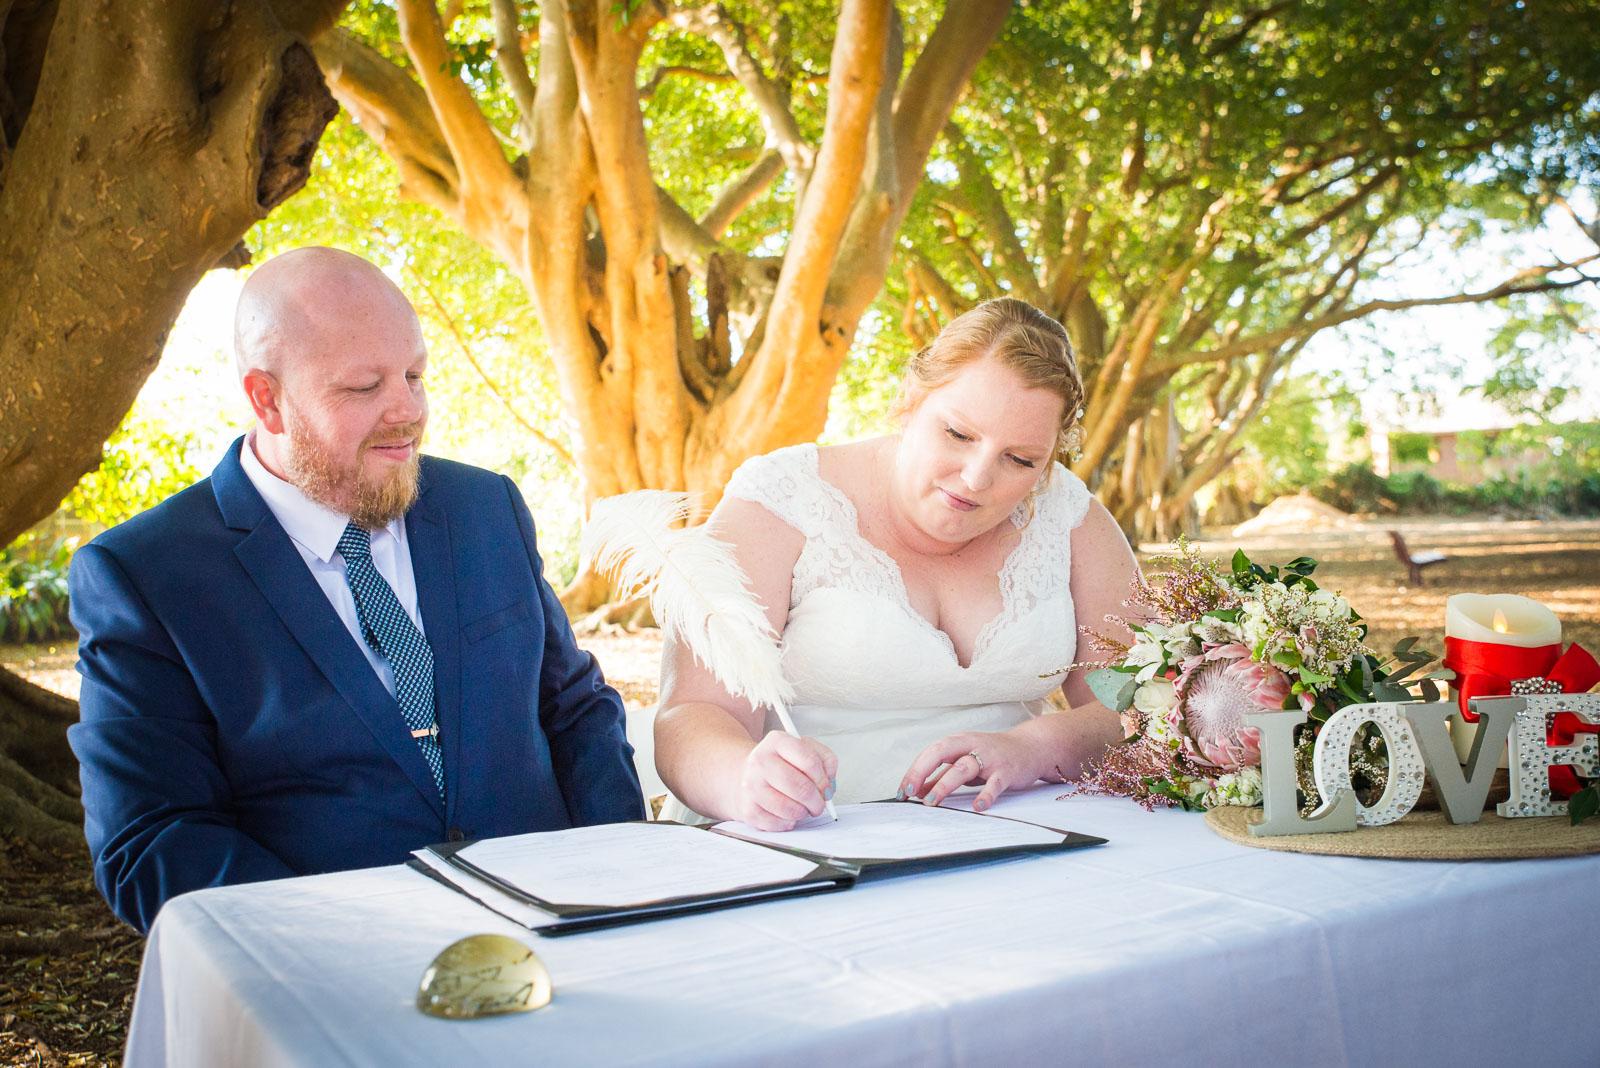 Wedding ceremony in Wirreanda Park in Buderim